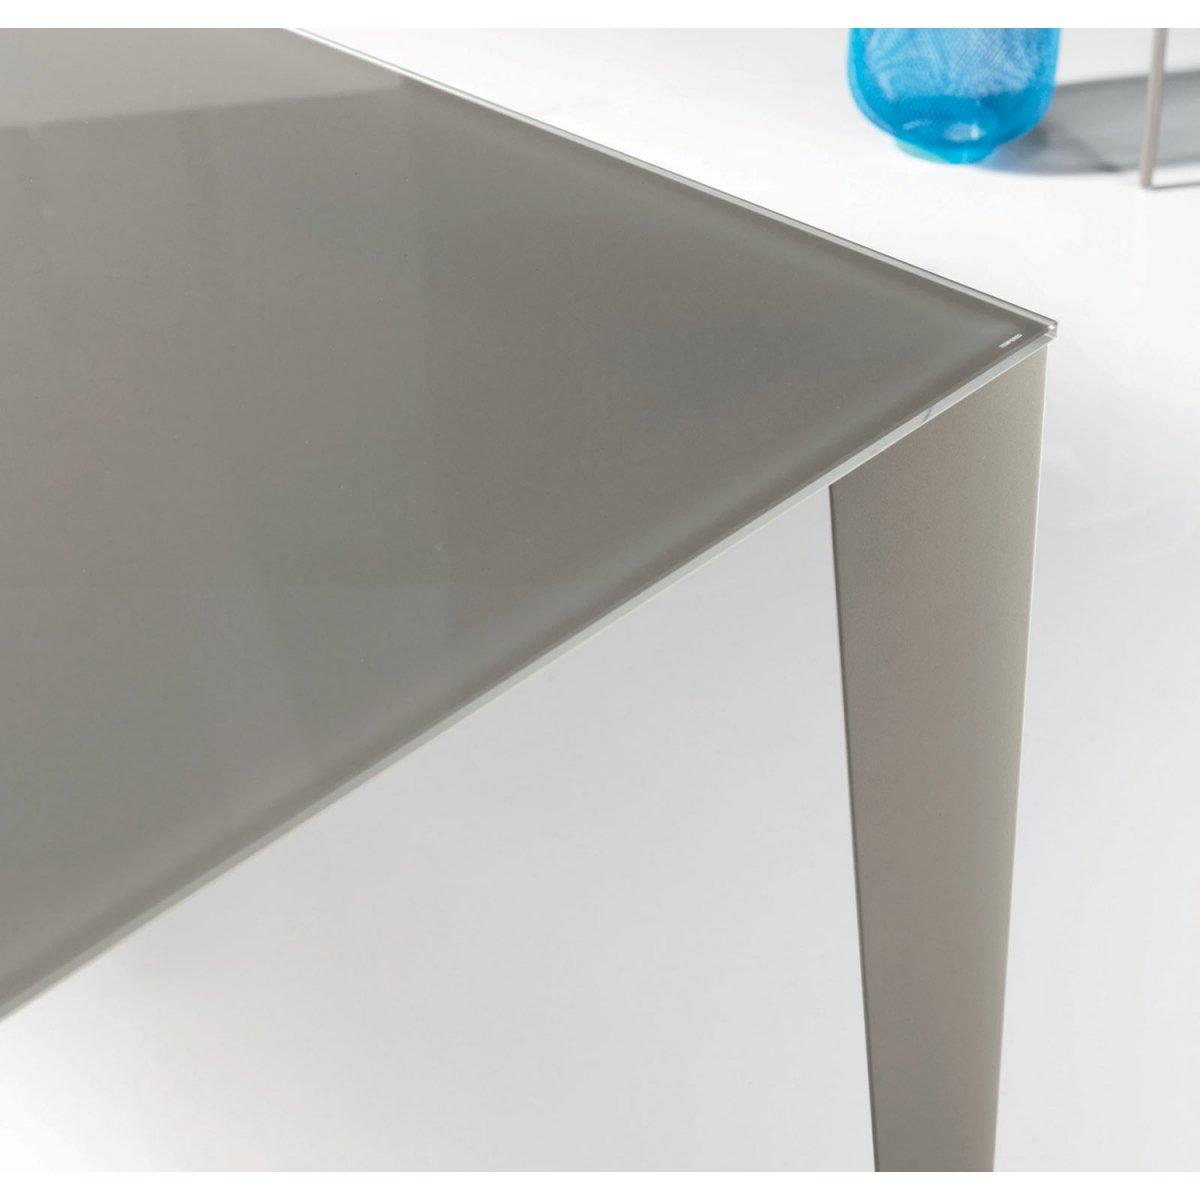 Tavolo Bontempi Cristallo Allungabile.Bontempi Casa Tavolo Cruz Allungabile Rettangolare 120 X 80 Vetro